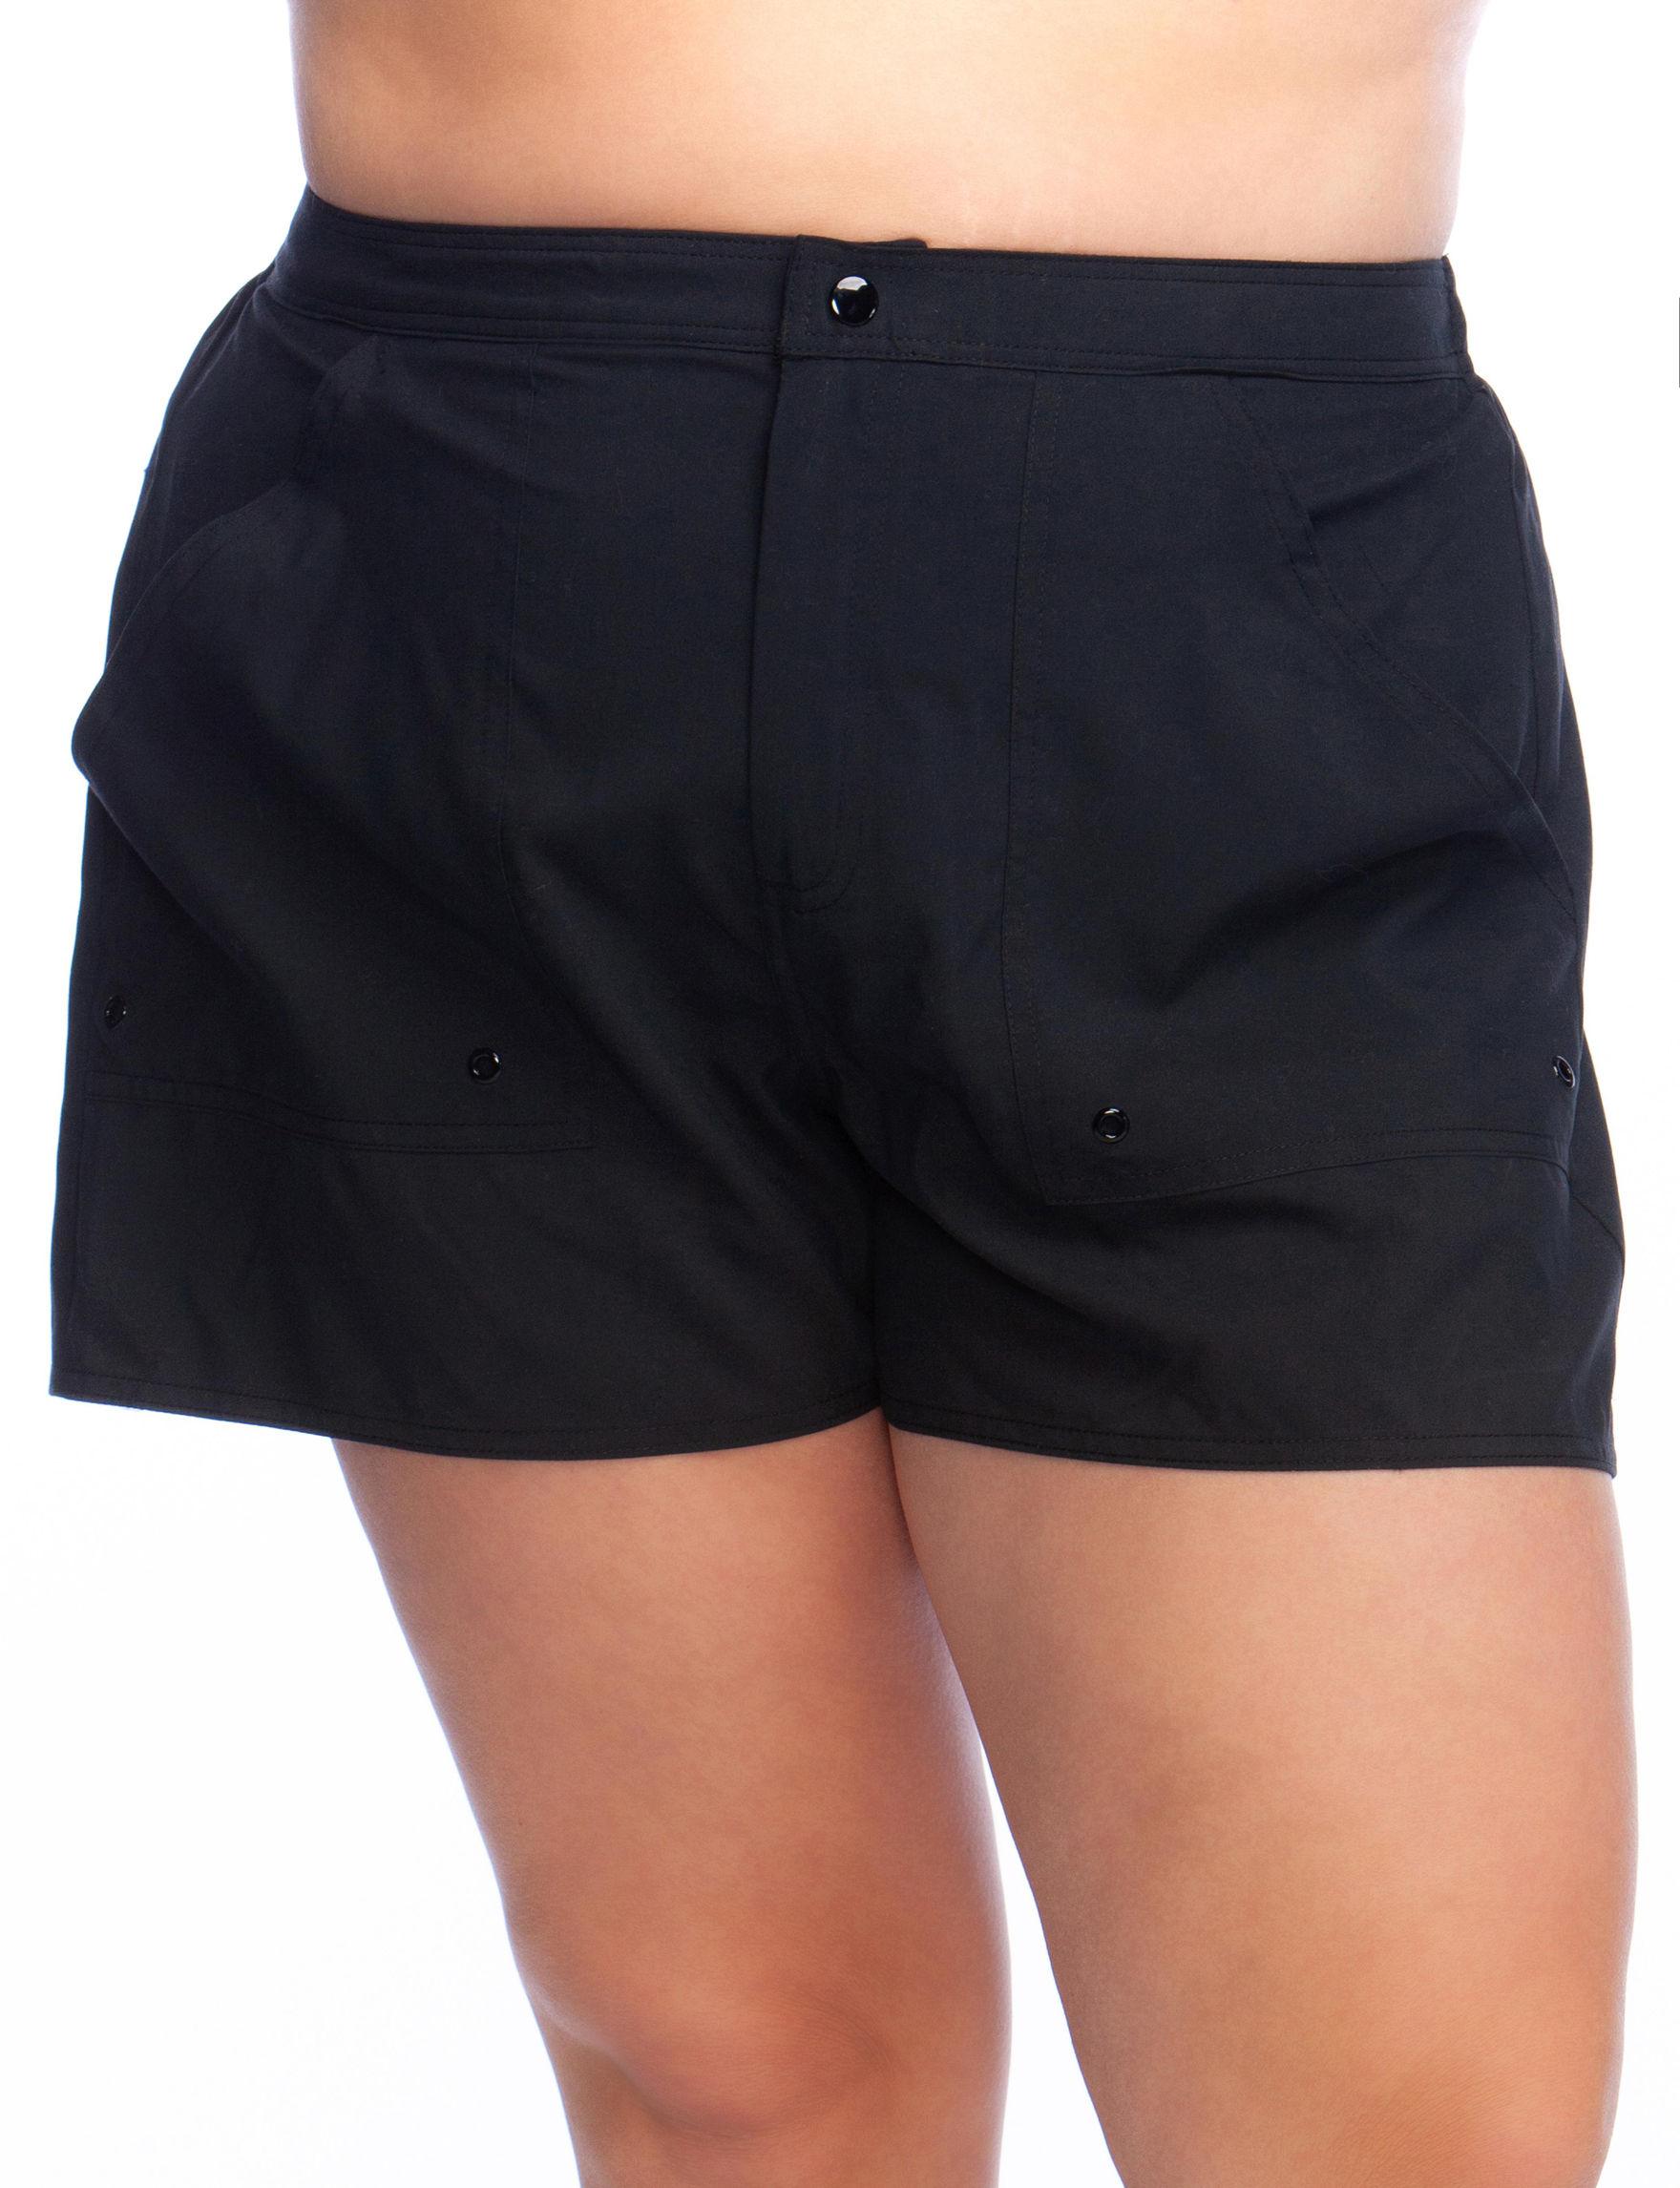 Maxine of Hollywood Black Swimsuit Bottoms Boyshort